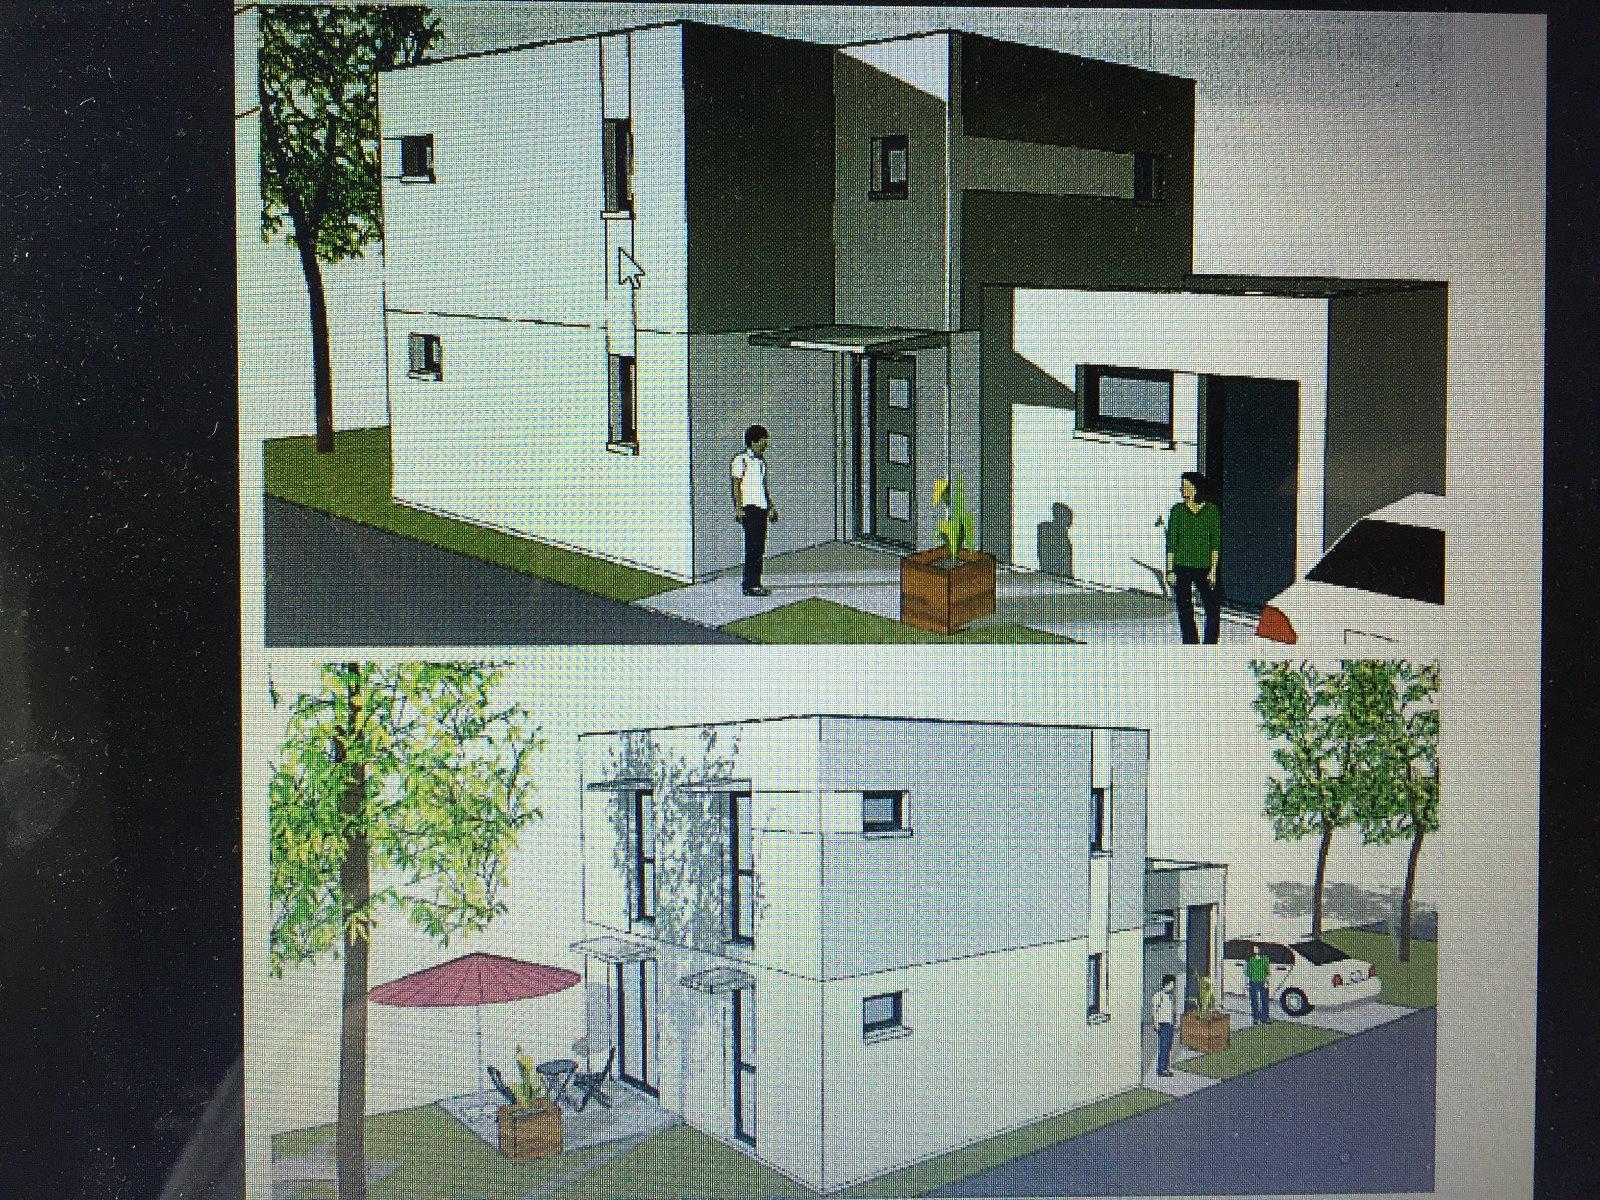 Top maison neuve t de m reserver with maison neuve dijon for Promoteur immobilier maison neuve